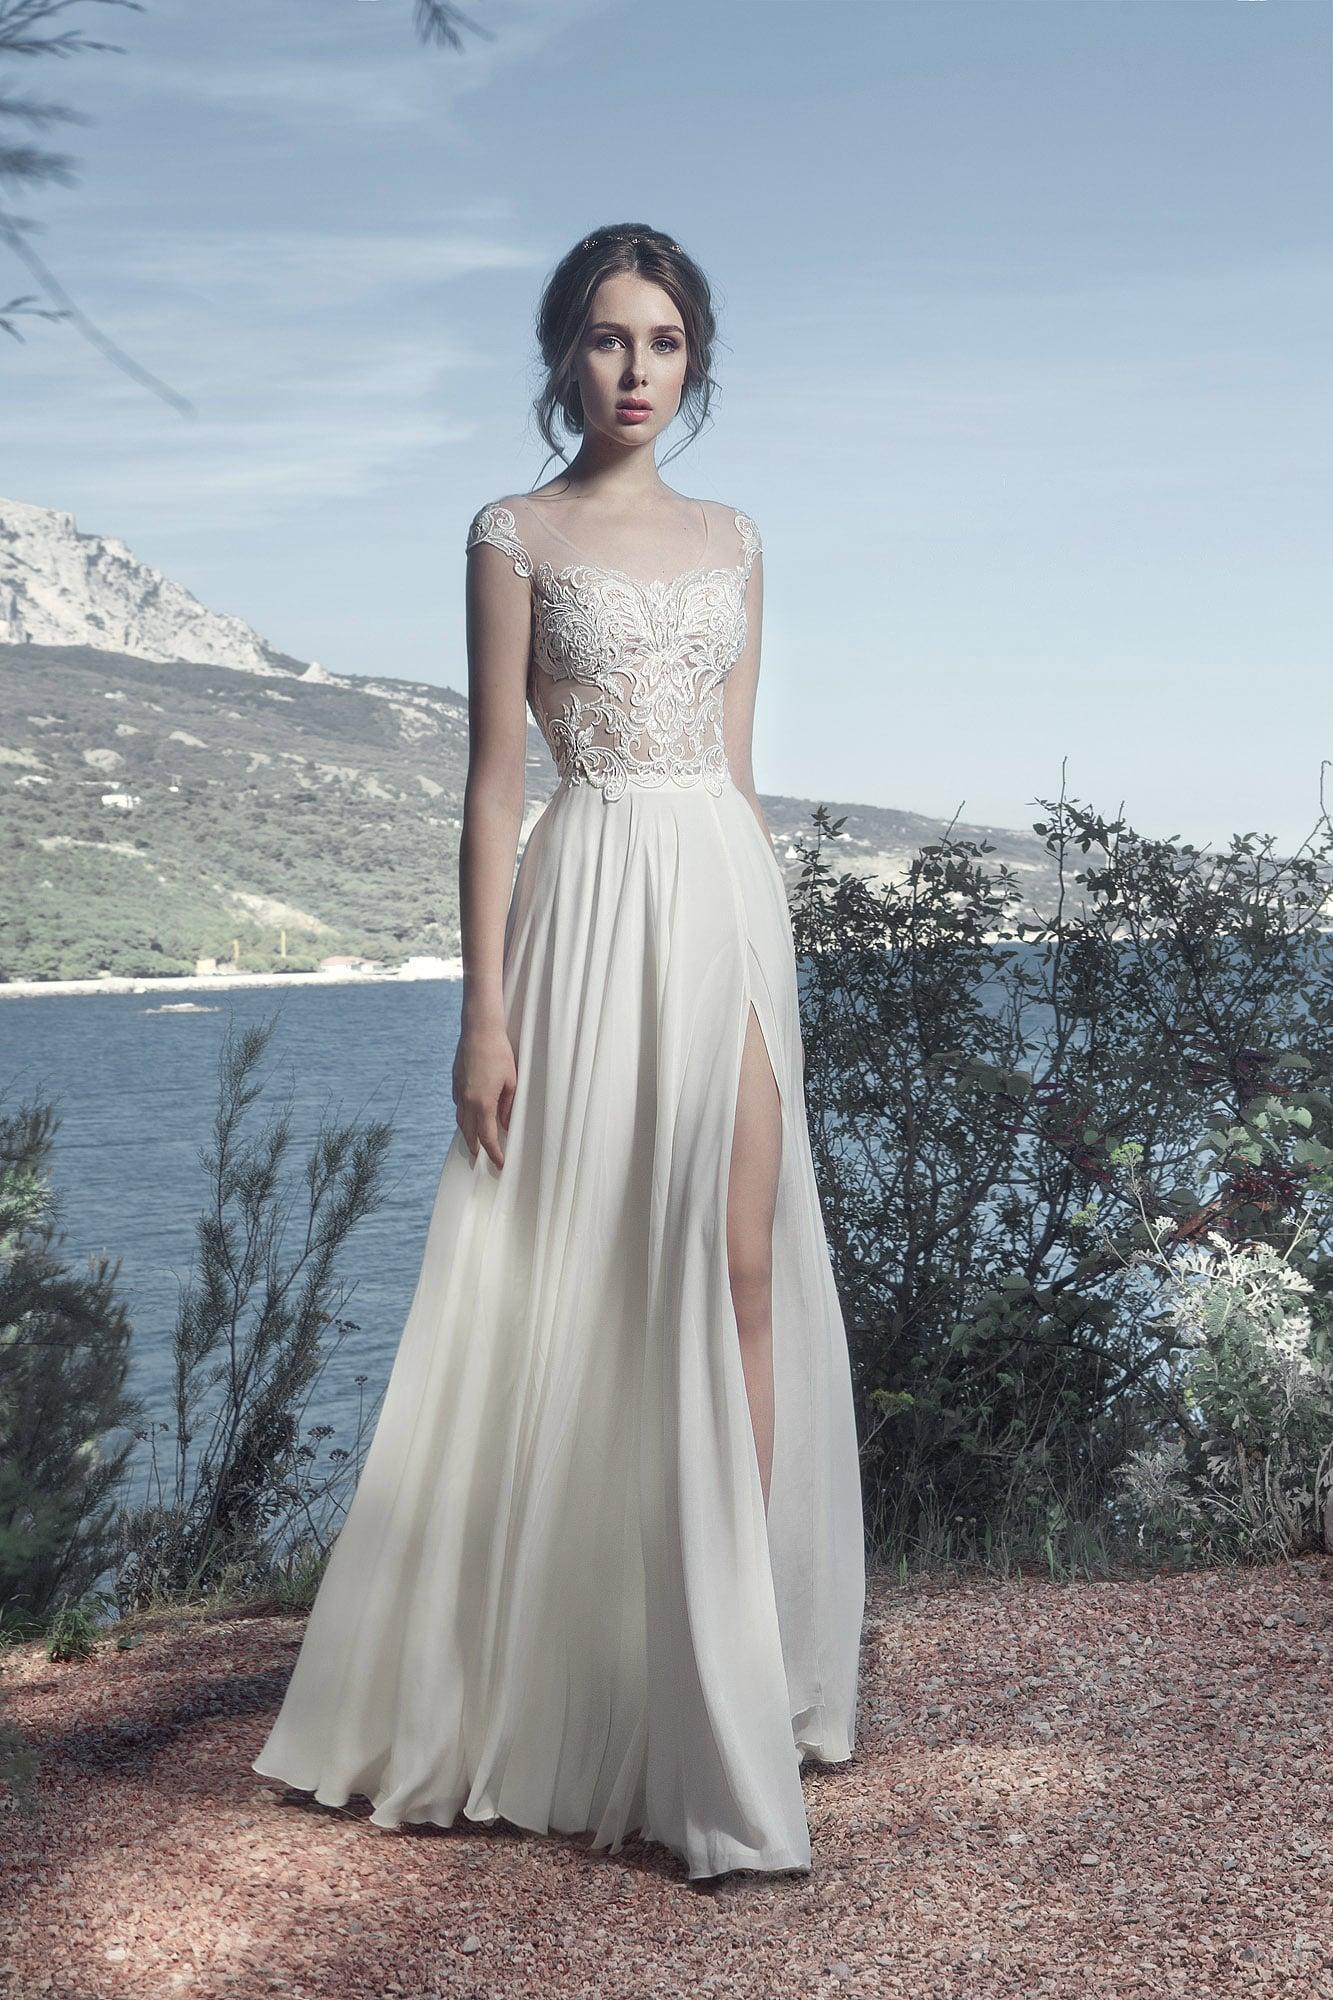 Деликатное свадебное платье прямого кроя с высоким разрезом по подолу.